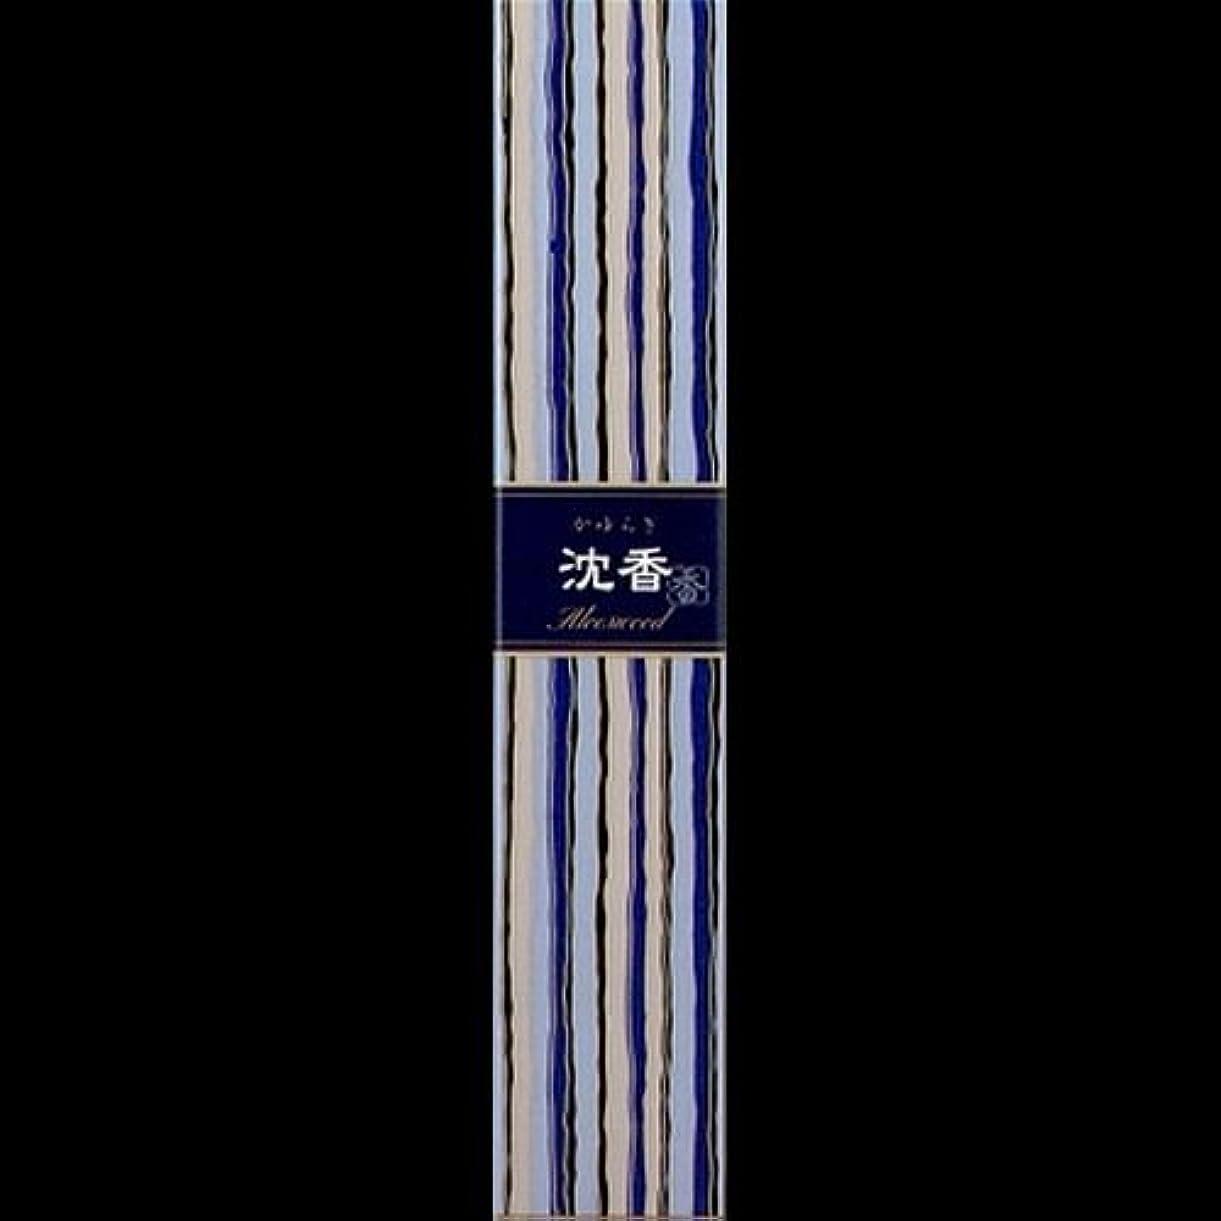 スパイブラジャーディプロマ【まとめ買い】かゆらぎ 沈香(じんこう) ×2セット